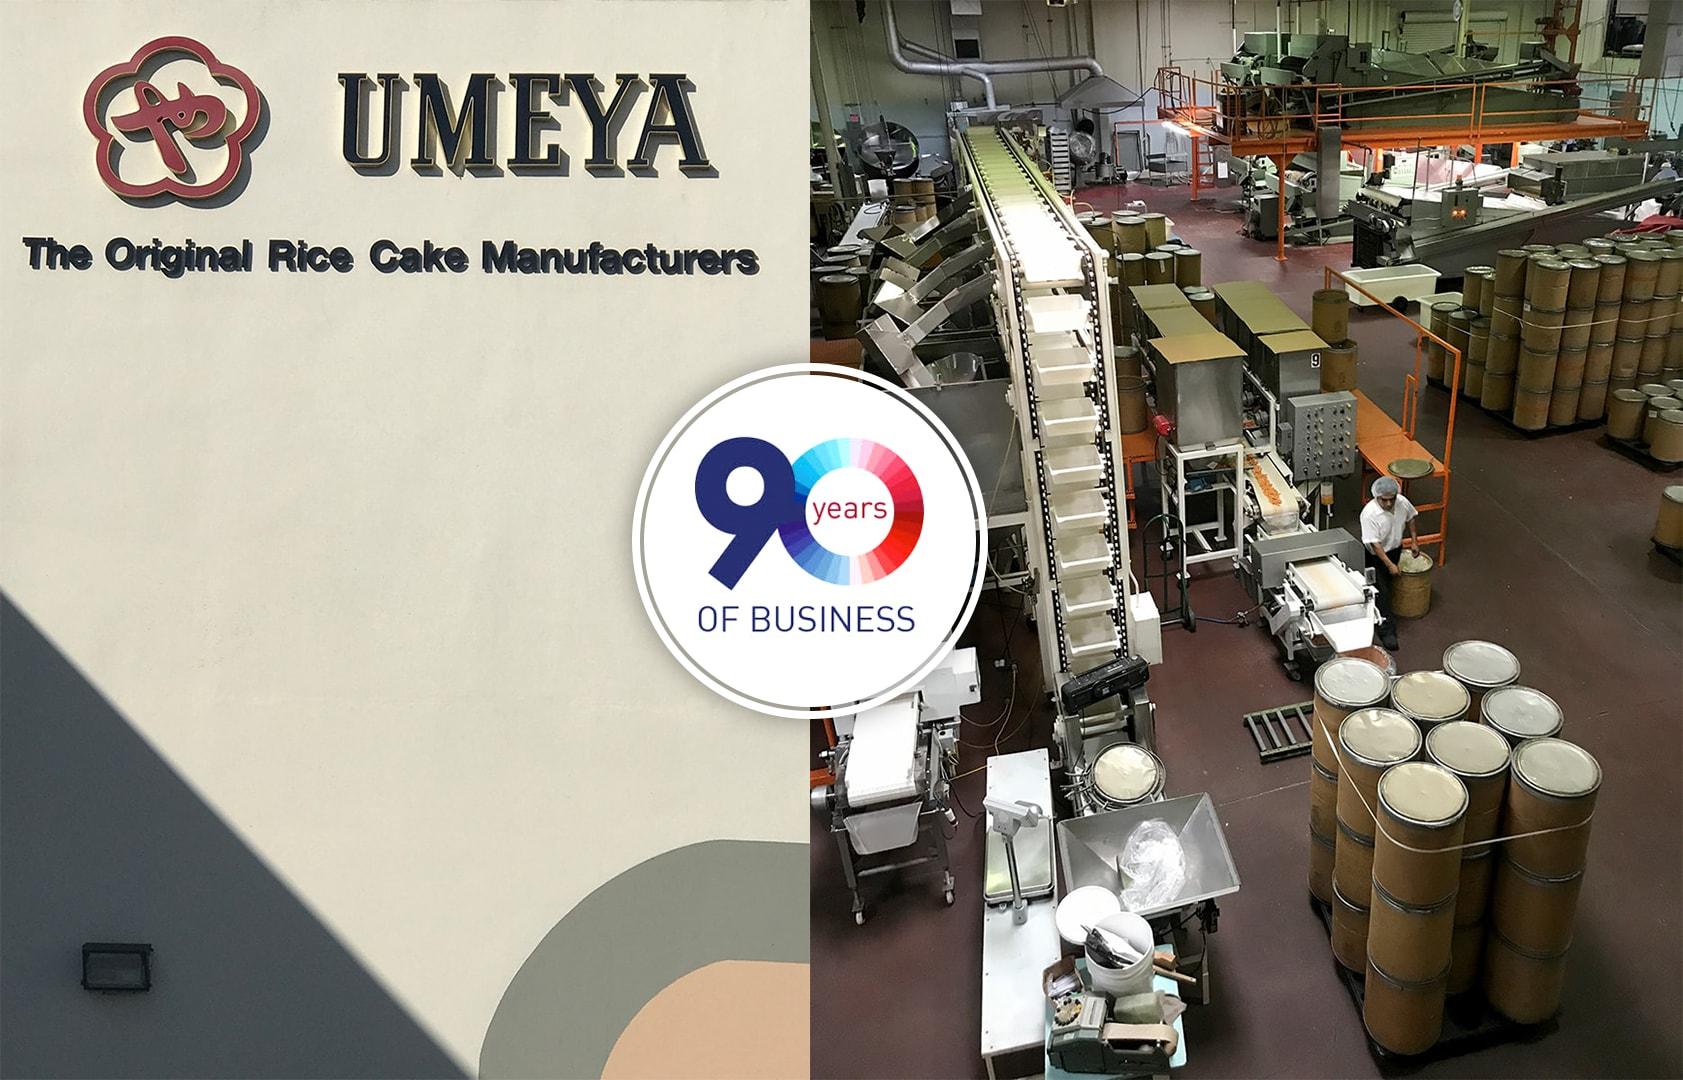 umeya_factory_90_years.jpg